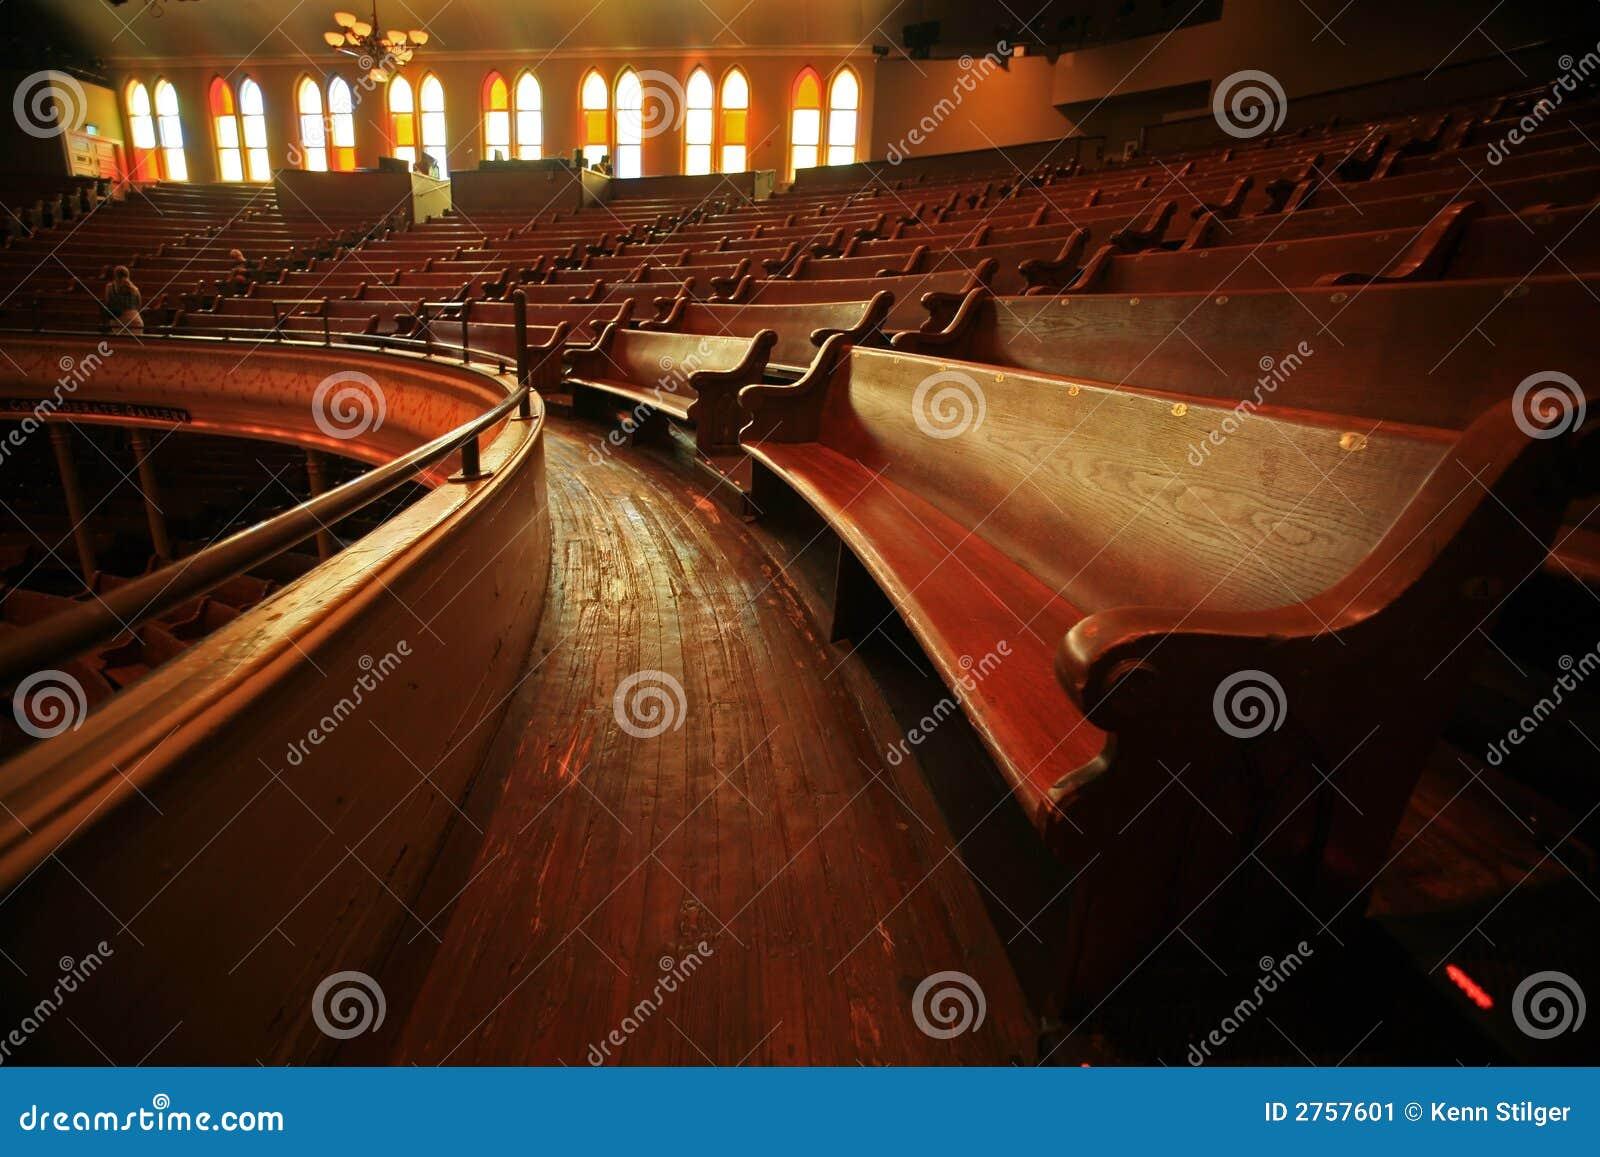 木音乐会的座位